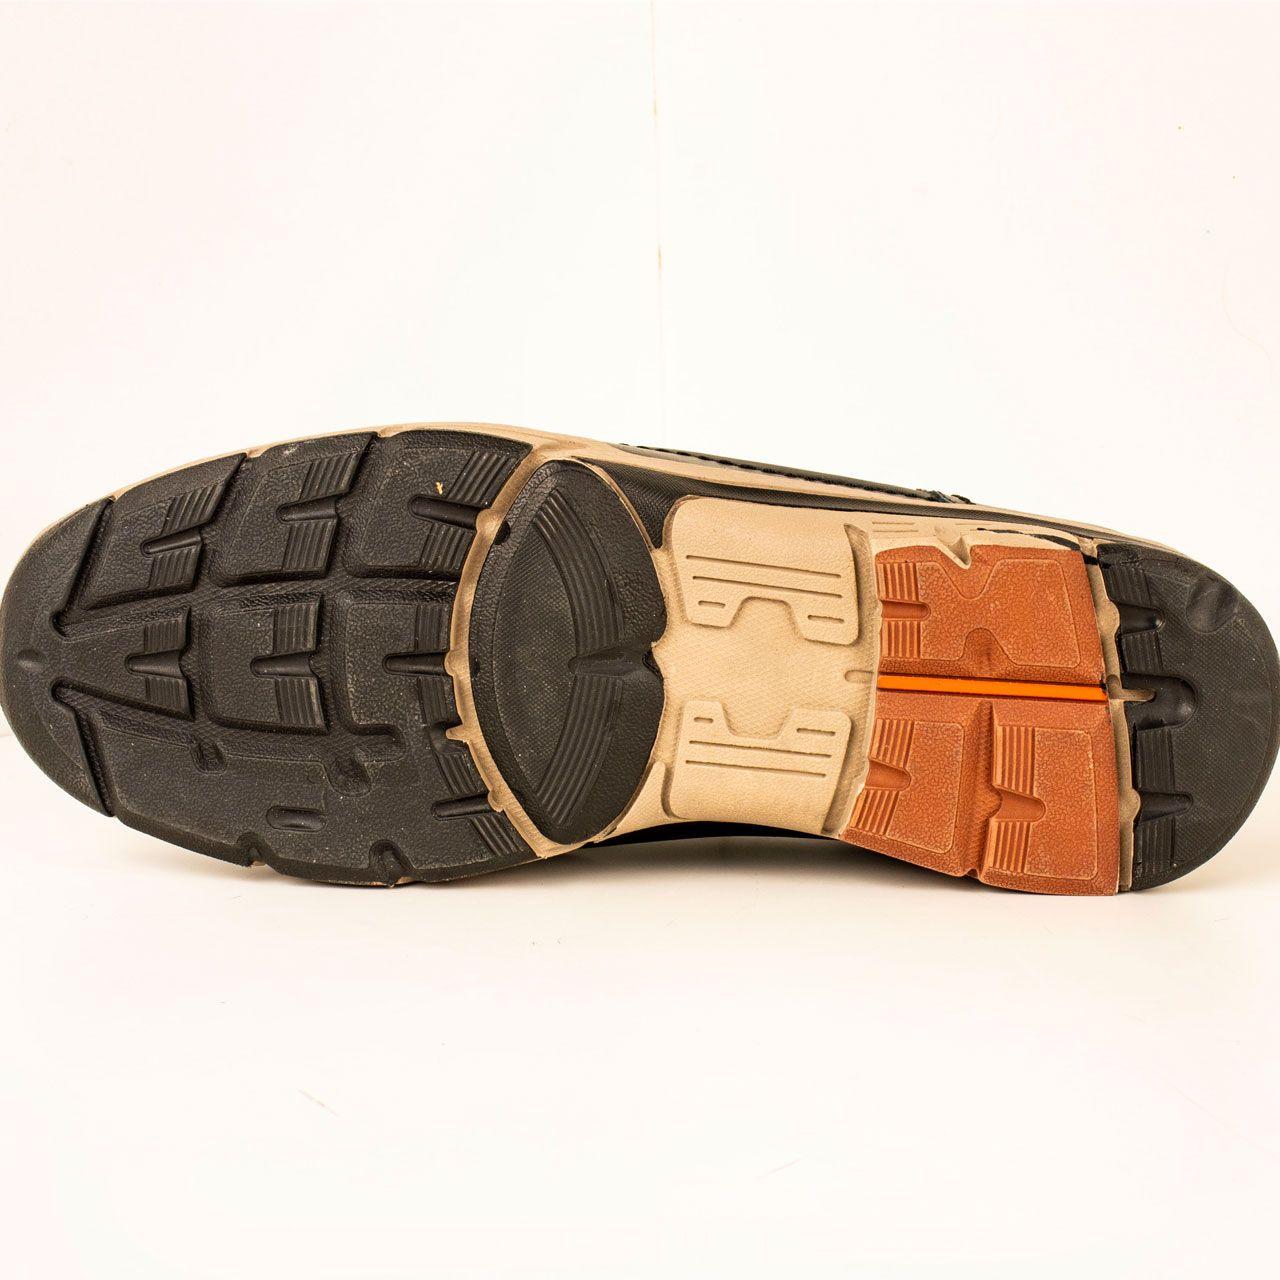 کفش روزمره مردانه پارینه چرم مدل SHO179 -  - 5